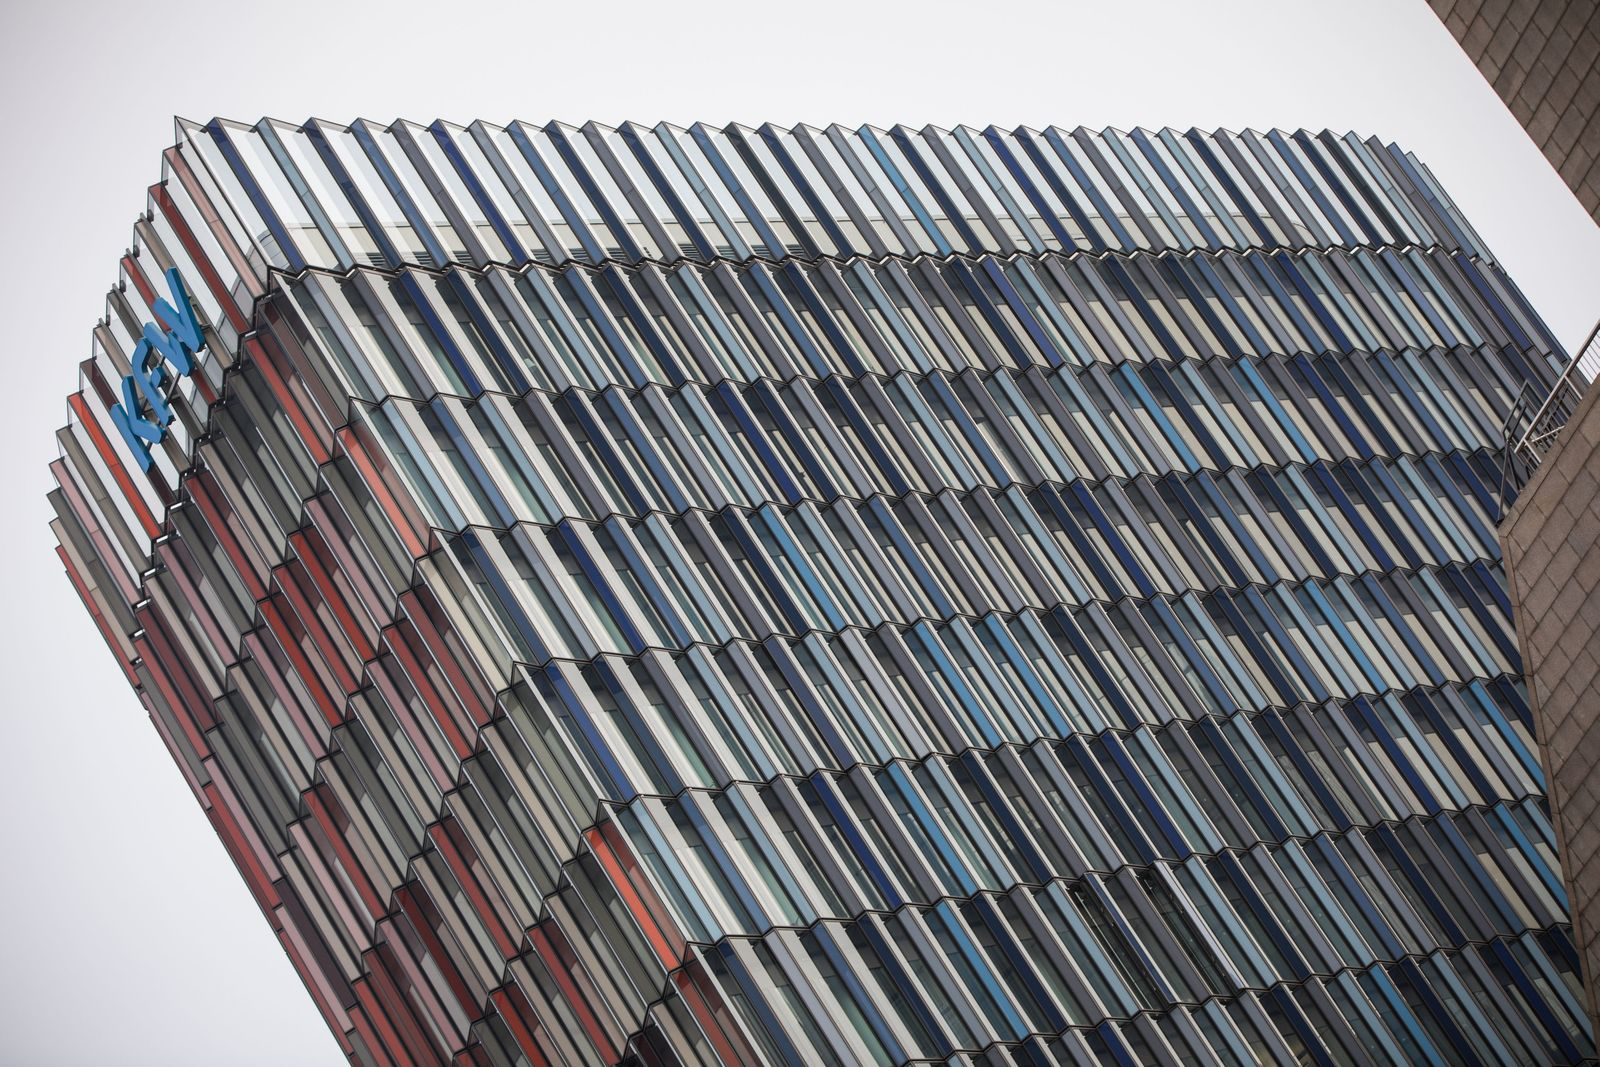 KfW / Zentrale / Frankfurt